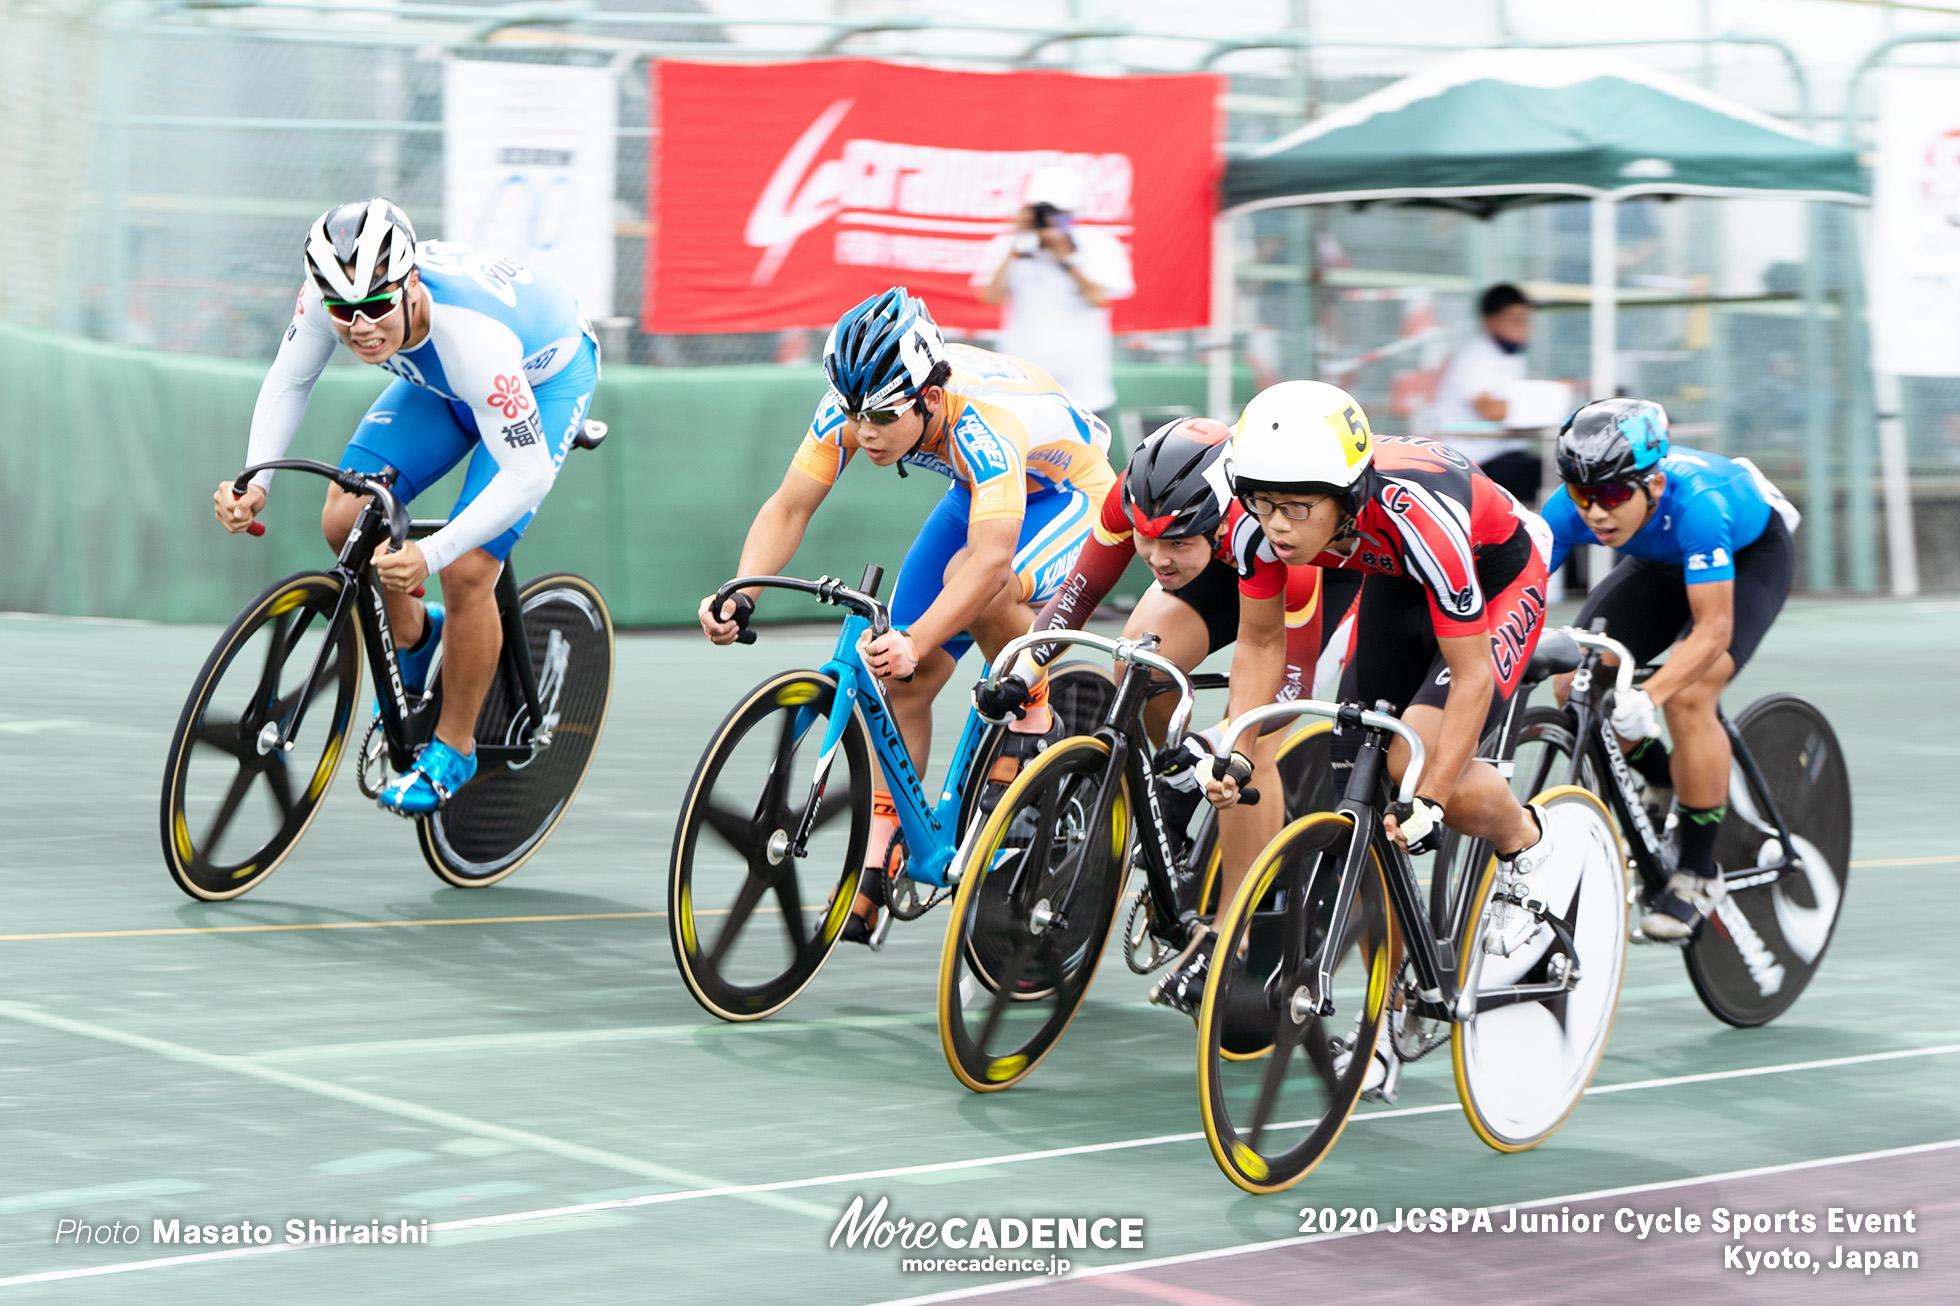 ケイリン 1回戦 ジュニアサイクルスポーツ大会